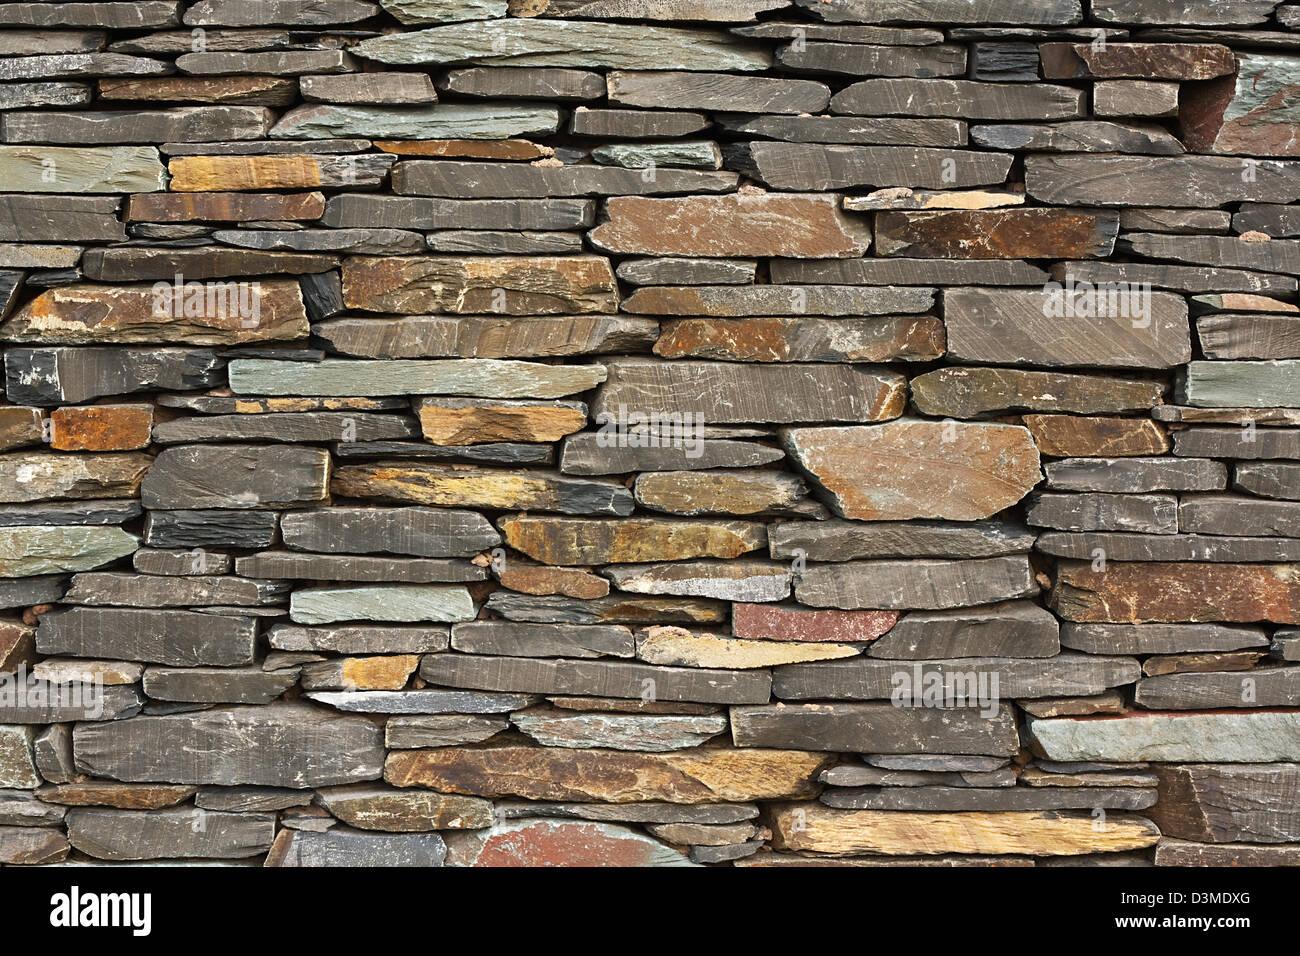 neu gebaute Trockenmauer Architekturmerkmal Wand auf große Gebäude gut für Hintergründe oder Stockbild